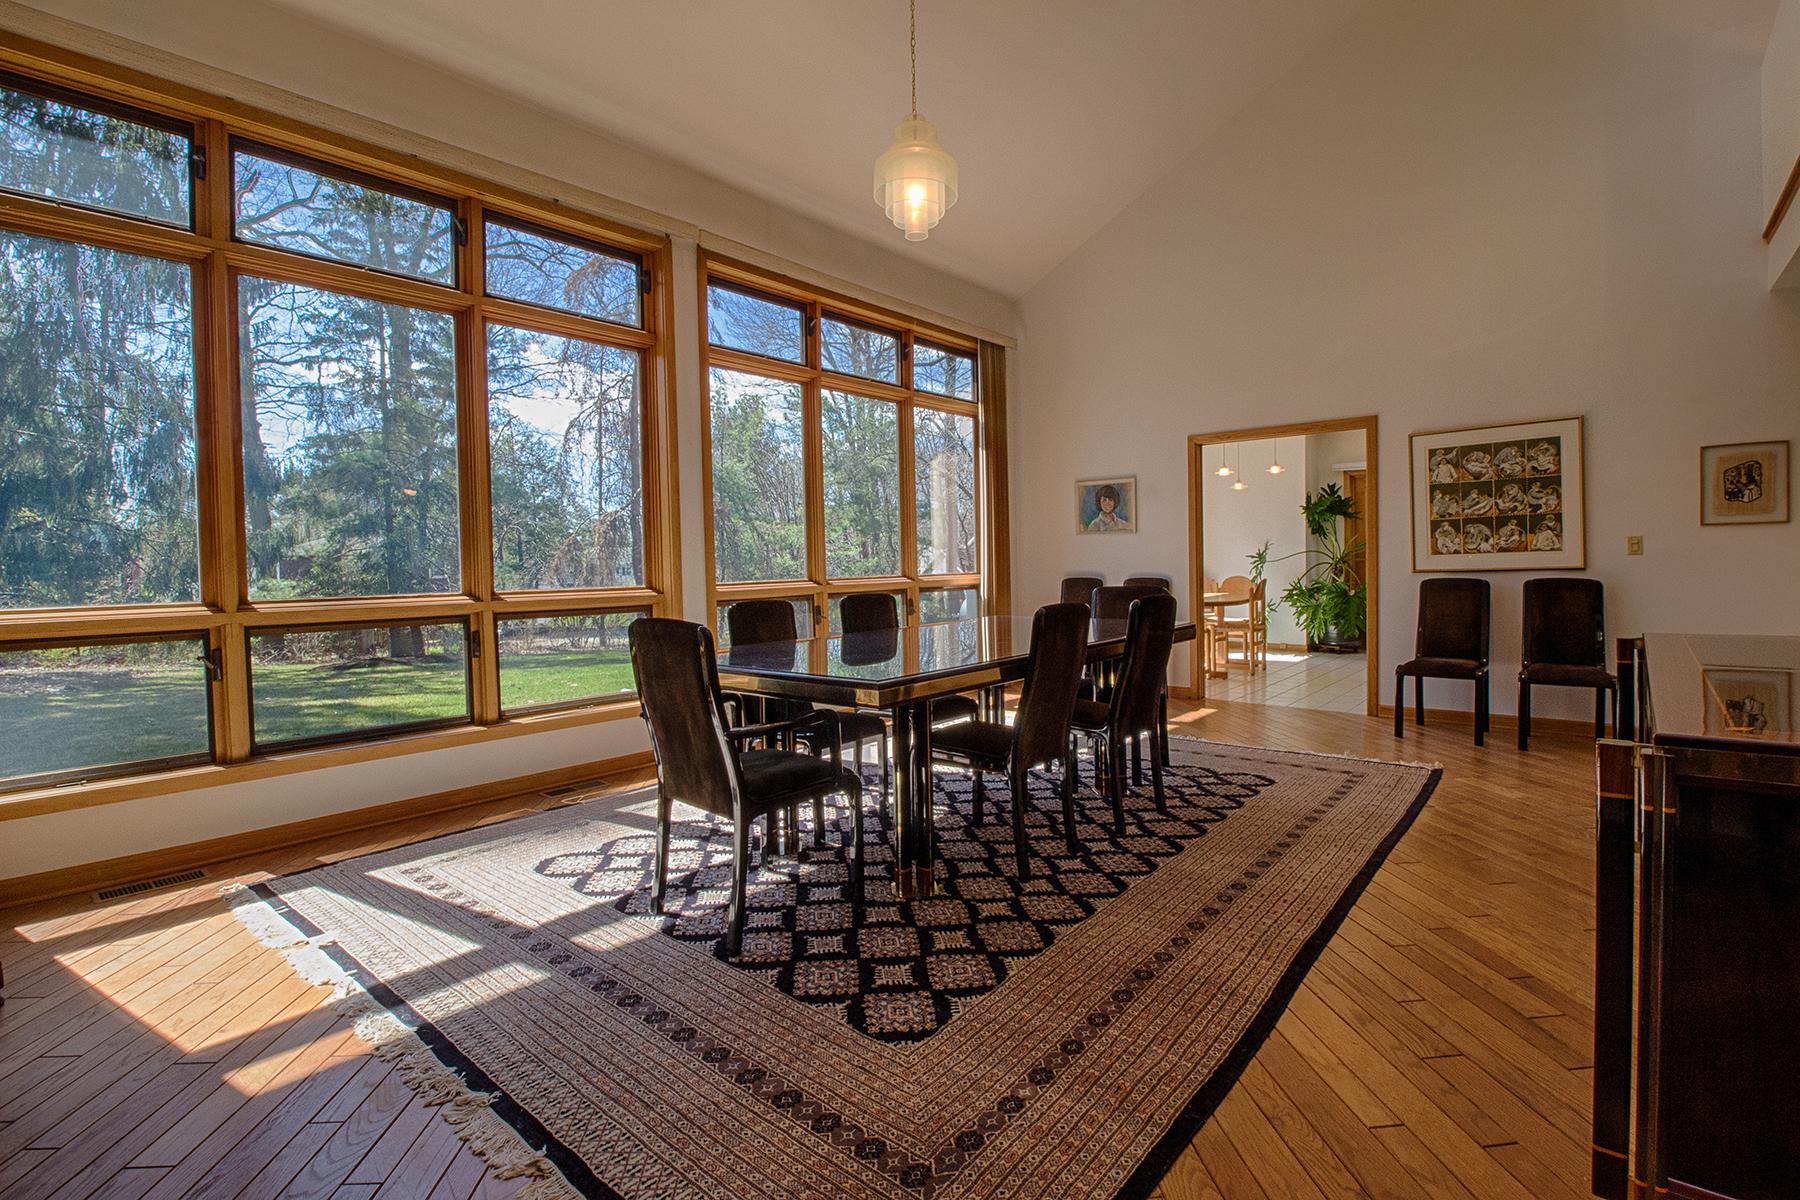 独户住宅 为 销售 在 Spectacular Contemporary Home 78 Hampton St Delmar, 纽约州 12054 美国